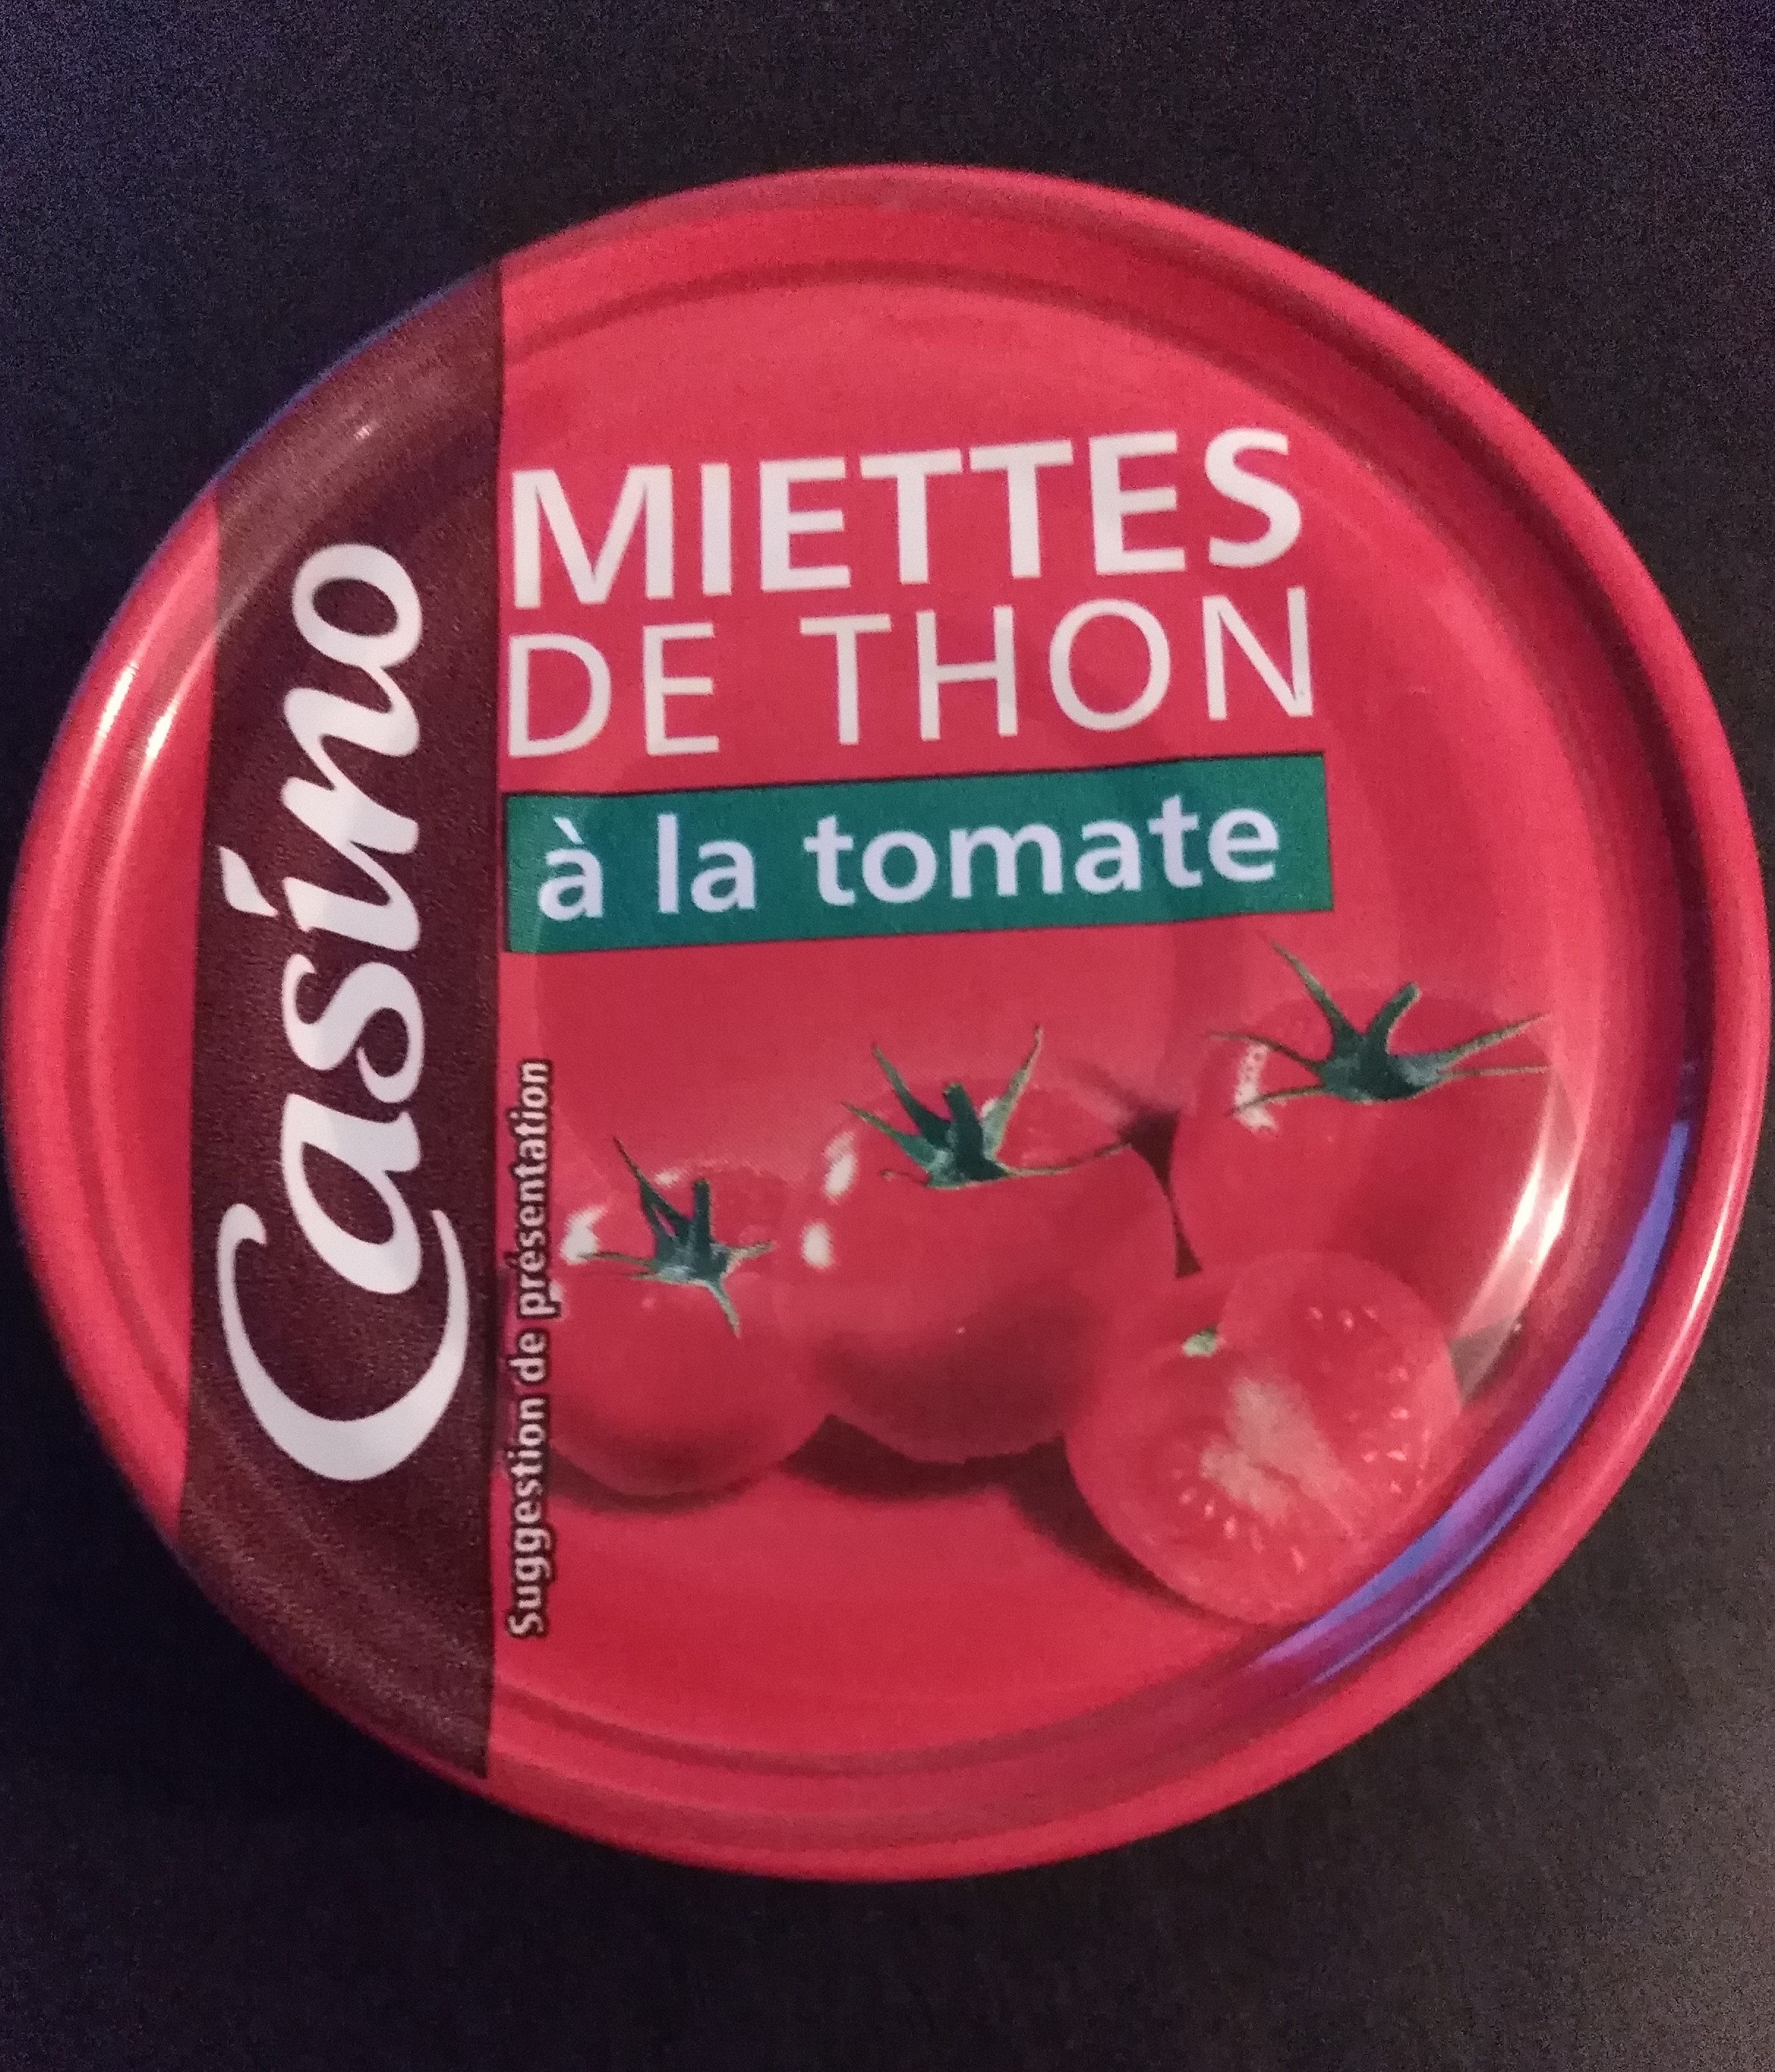 Miettes De Thon à La Tomate - Product - fr